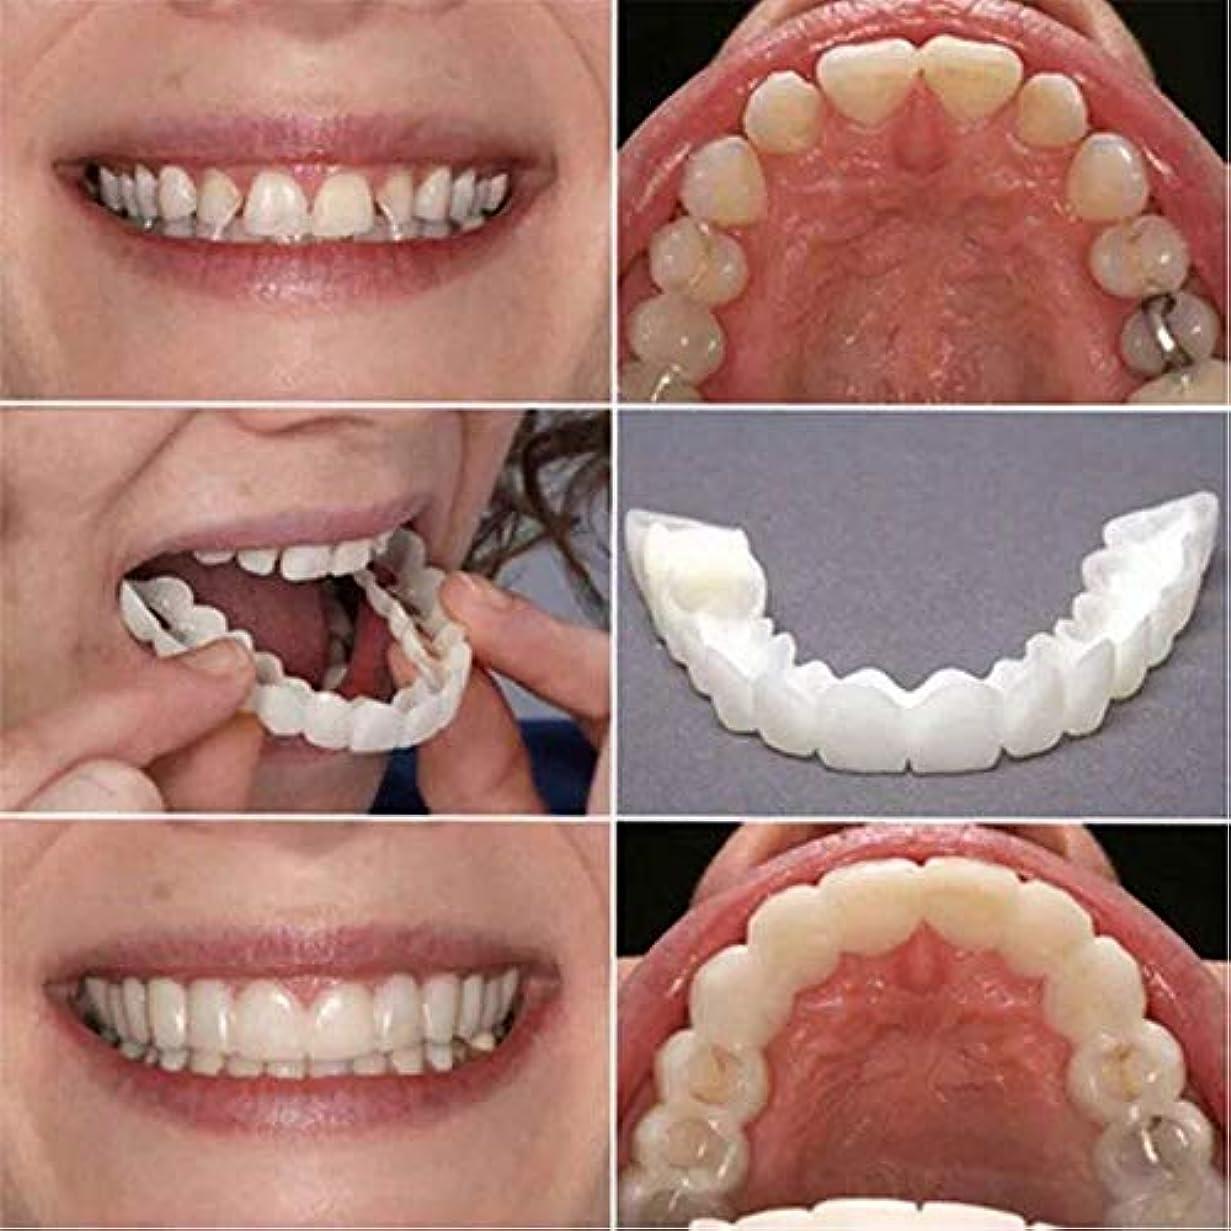 実質的に羊の誰2個の歯ピースフィッティング快適なフィット歯のソケット義歯口腔用品矯正アクセティース 笑顔を保つ